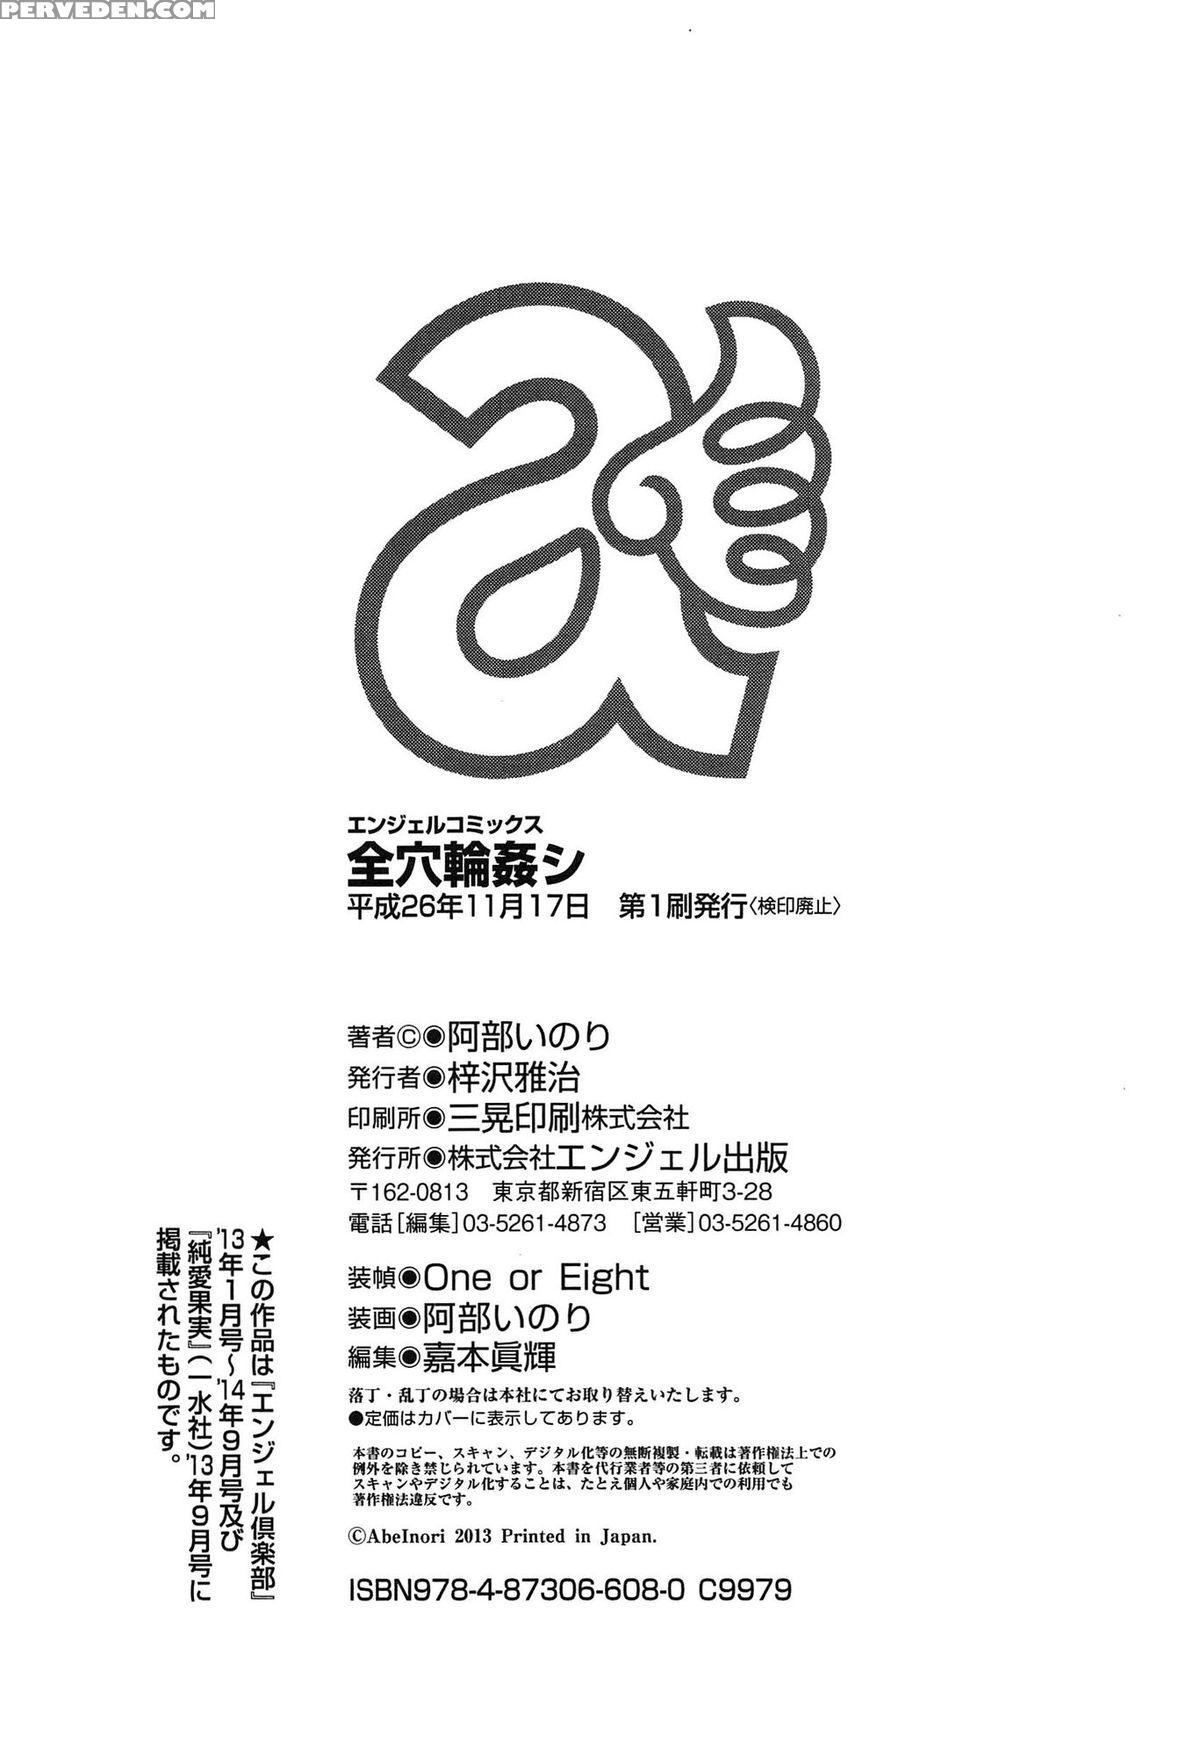 HentaiVN.net - Ảnh 18 - Anamawashi - Chap 10 : Các thánh nữ hội tụ [ End ]